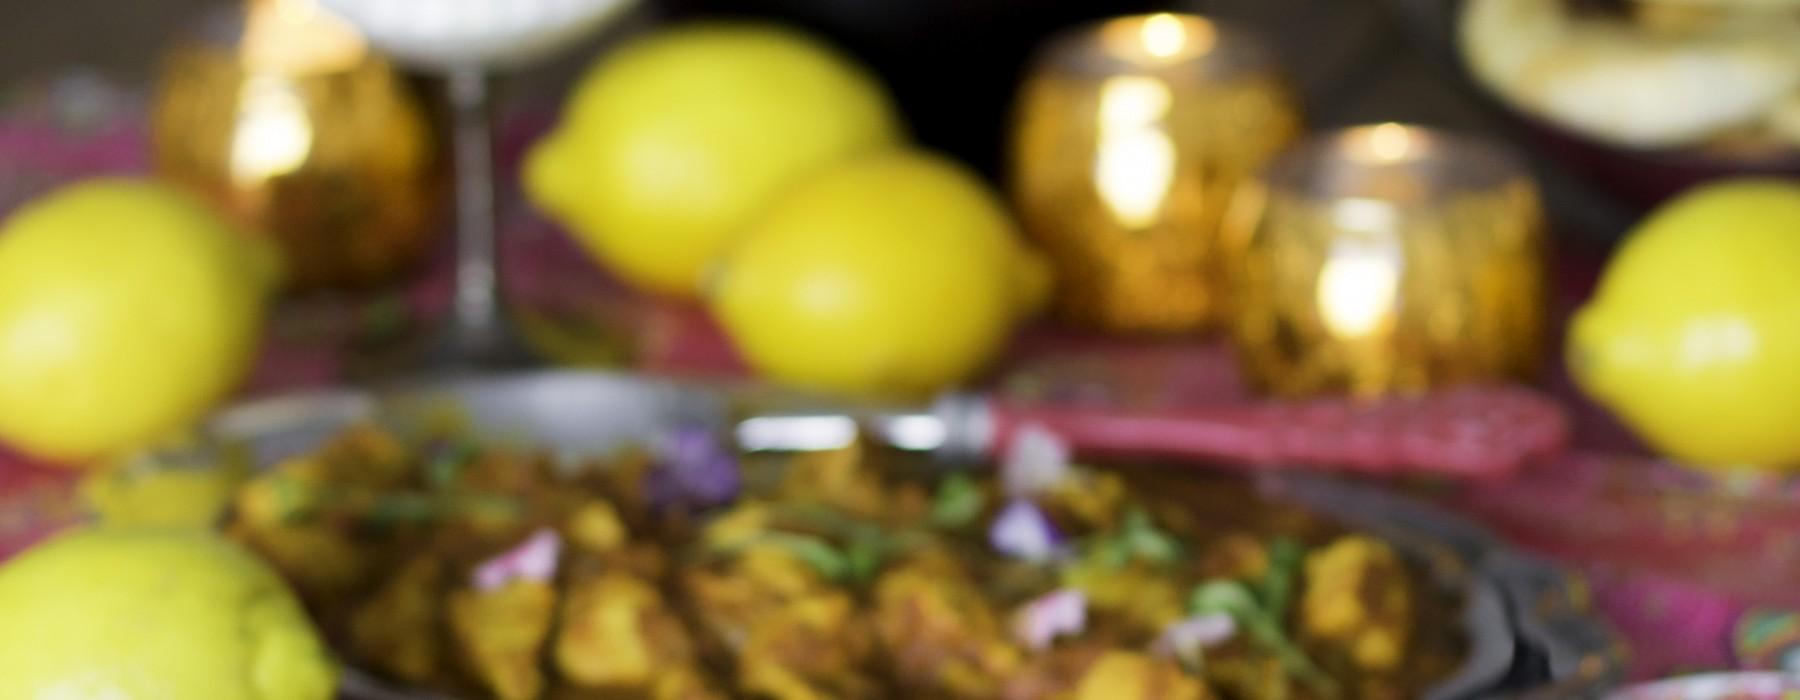 Kardemummainen broilericurry